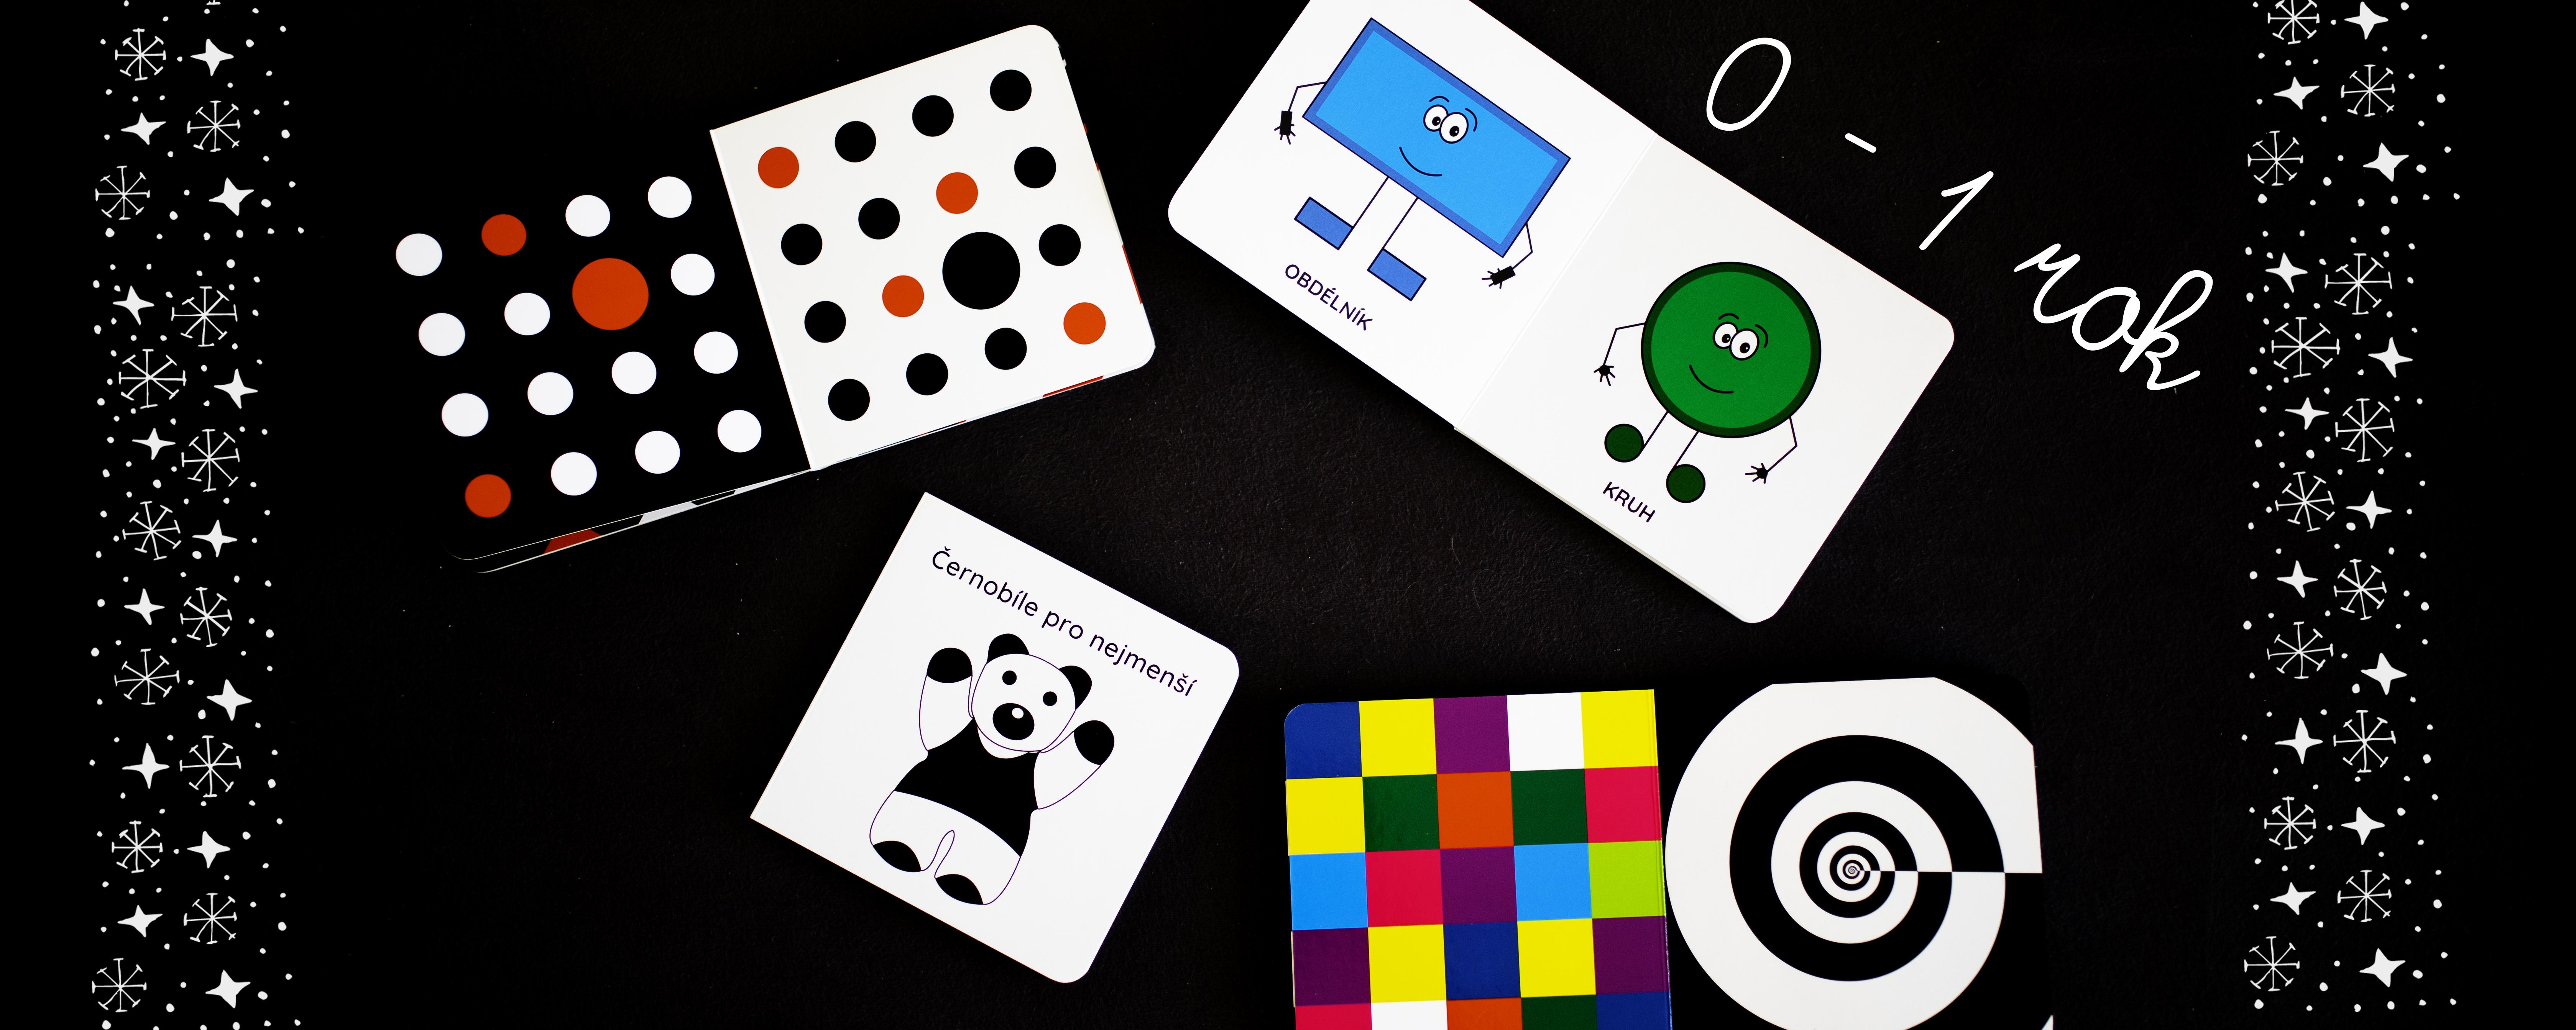 Vánoční tipy: pro miminka vyberte hračku rozvíjející zrak či koordinaci ruka oko